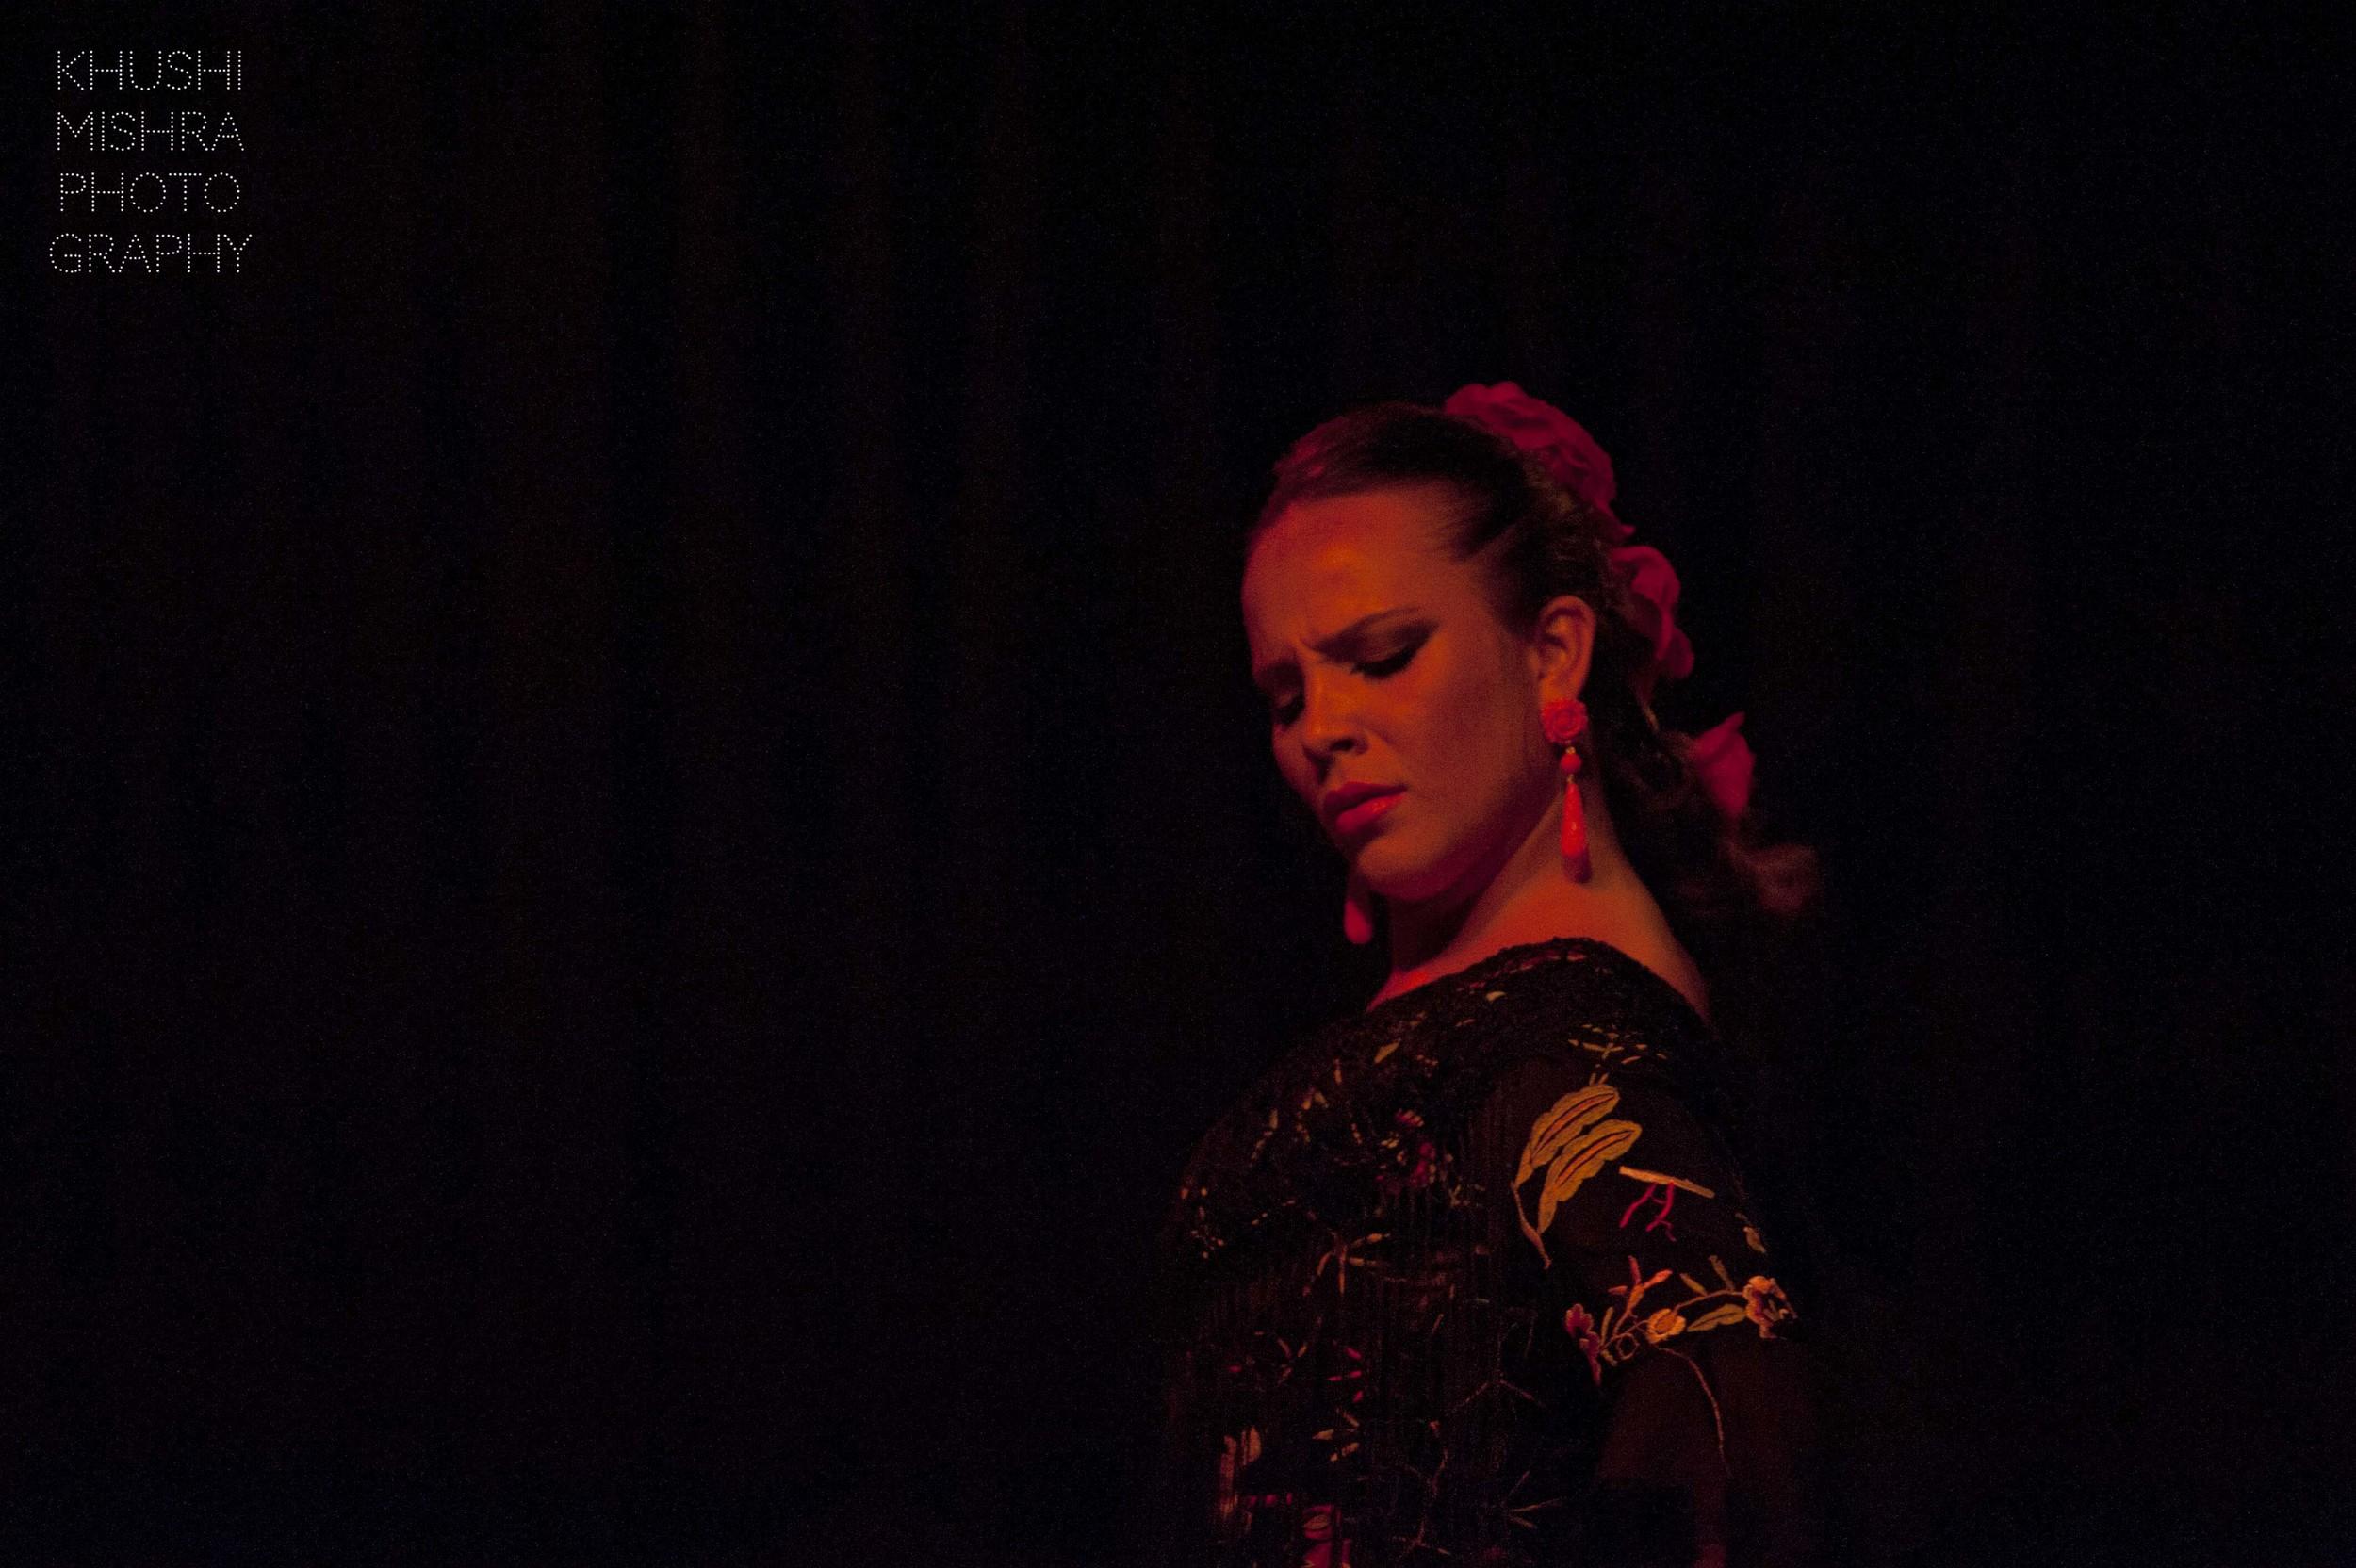 Flamenco_dsc_8027 copy.jpg